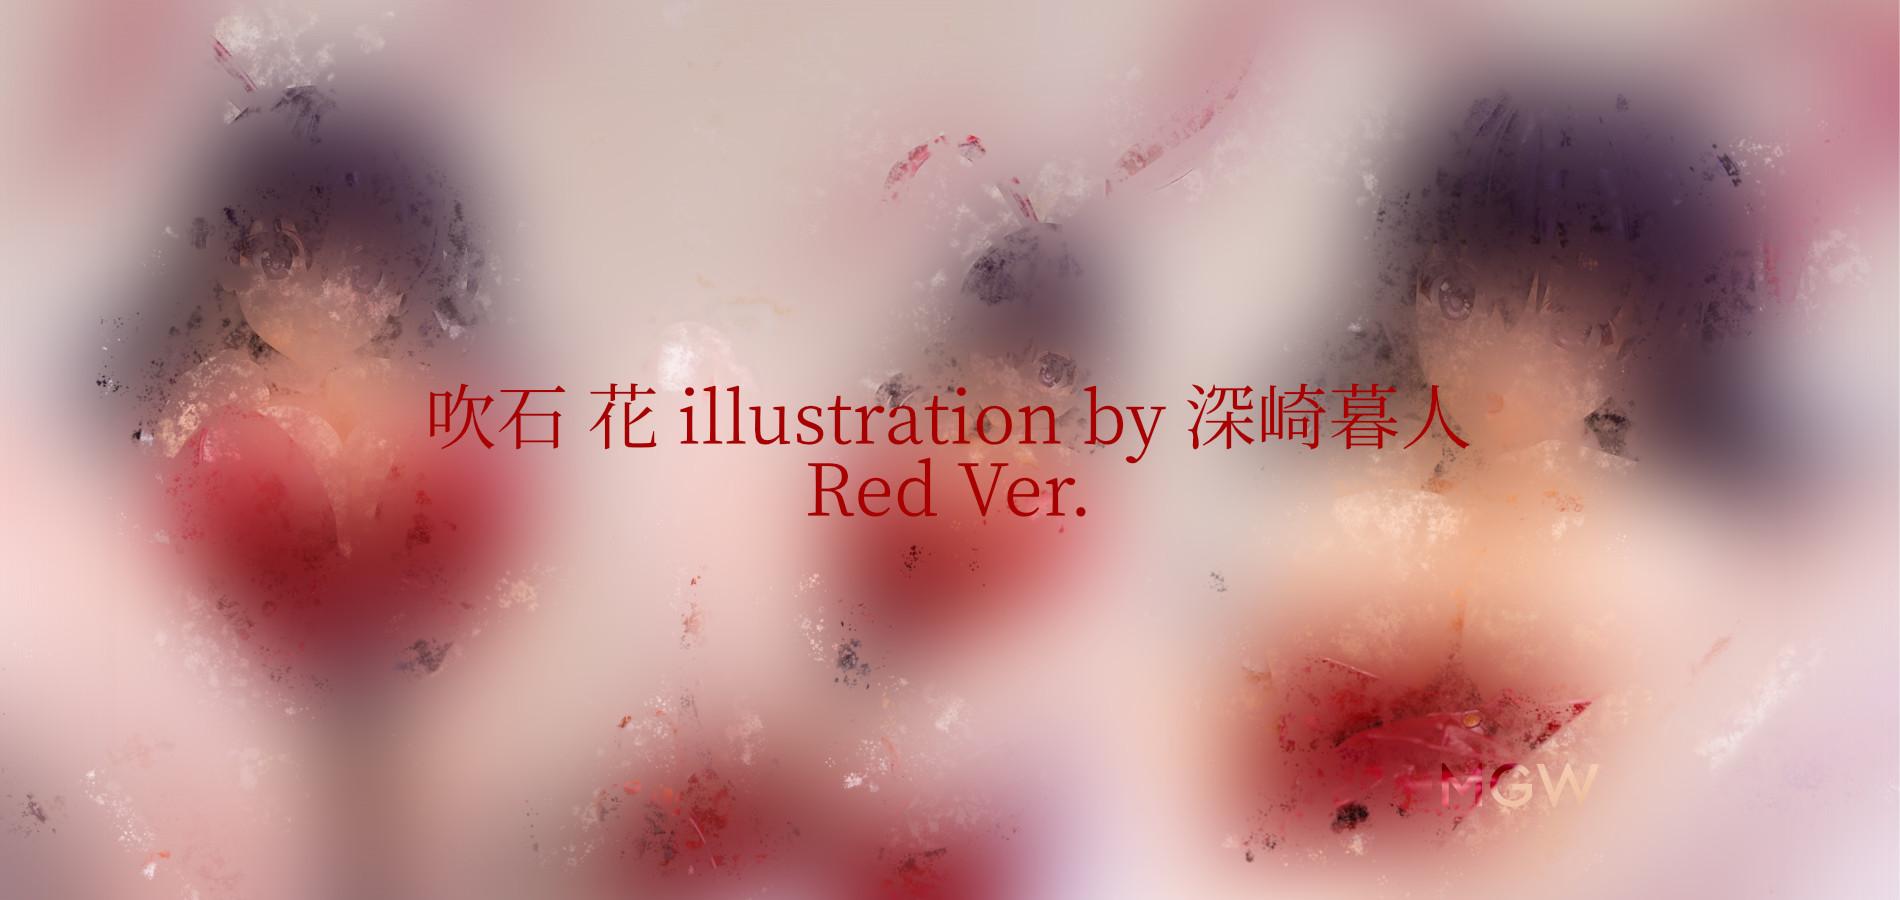 SkyTube Fukiishi Hana illustration by Misaki Kurehito Red Ver. MGW Header